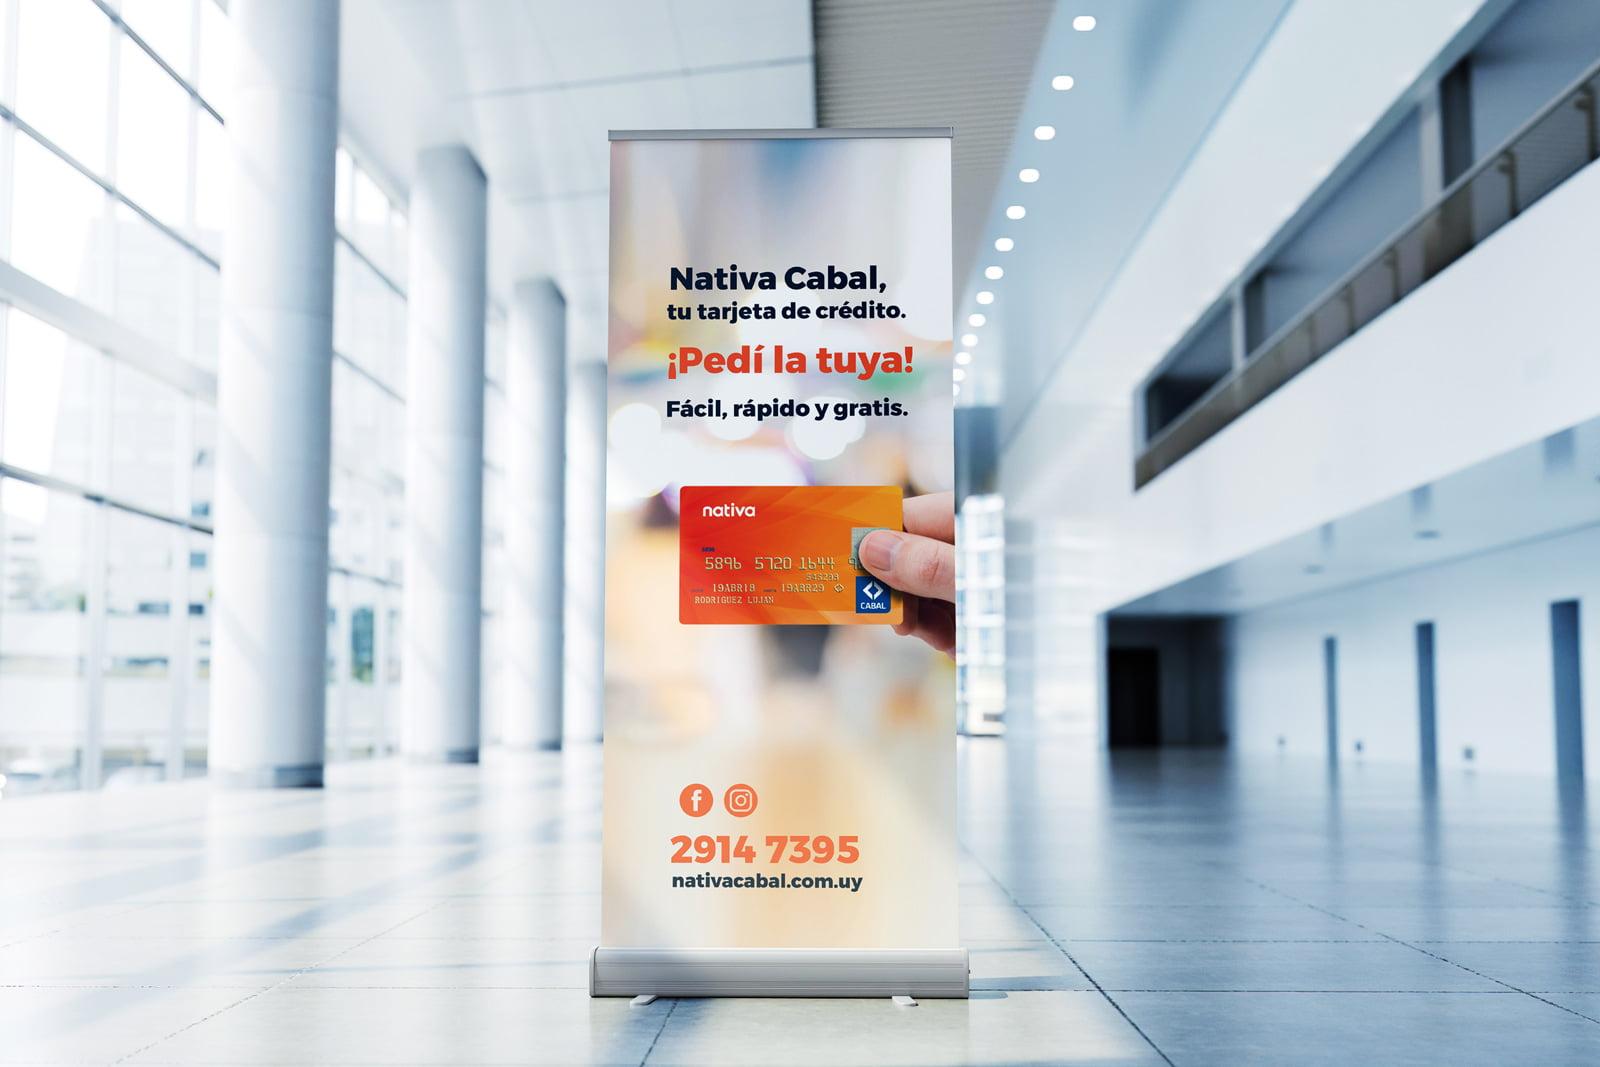 Cliente: NATIVA CABAL. Identidad visual, digital y comunicación